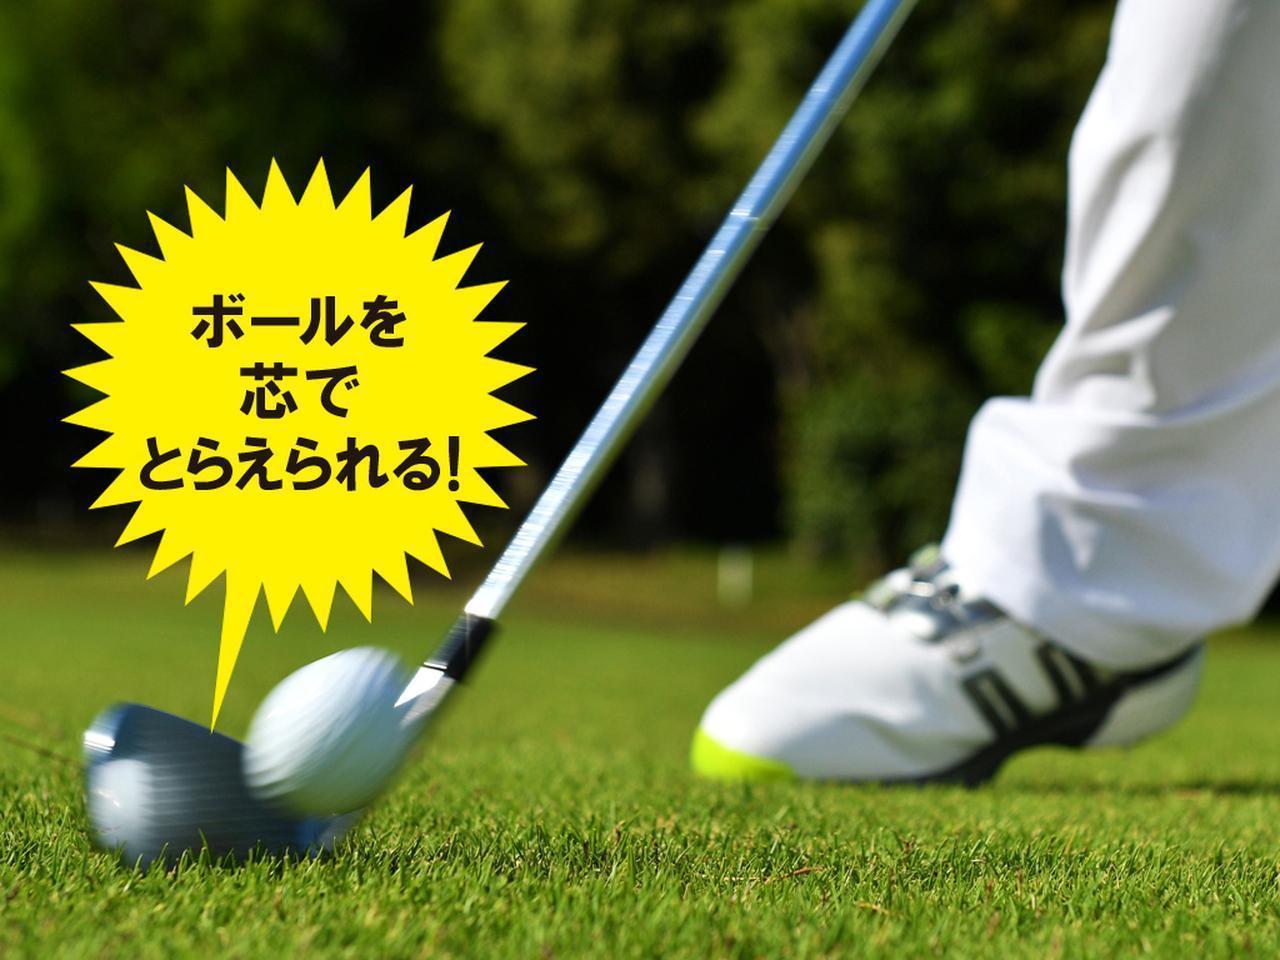 """画像: 【ミート率】トップばかり意識していませんか? スウィングは""""フォロー""""で作るのが正解です! - ゴルフへ行こうWEB by ゴルフダイジェスト"""